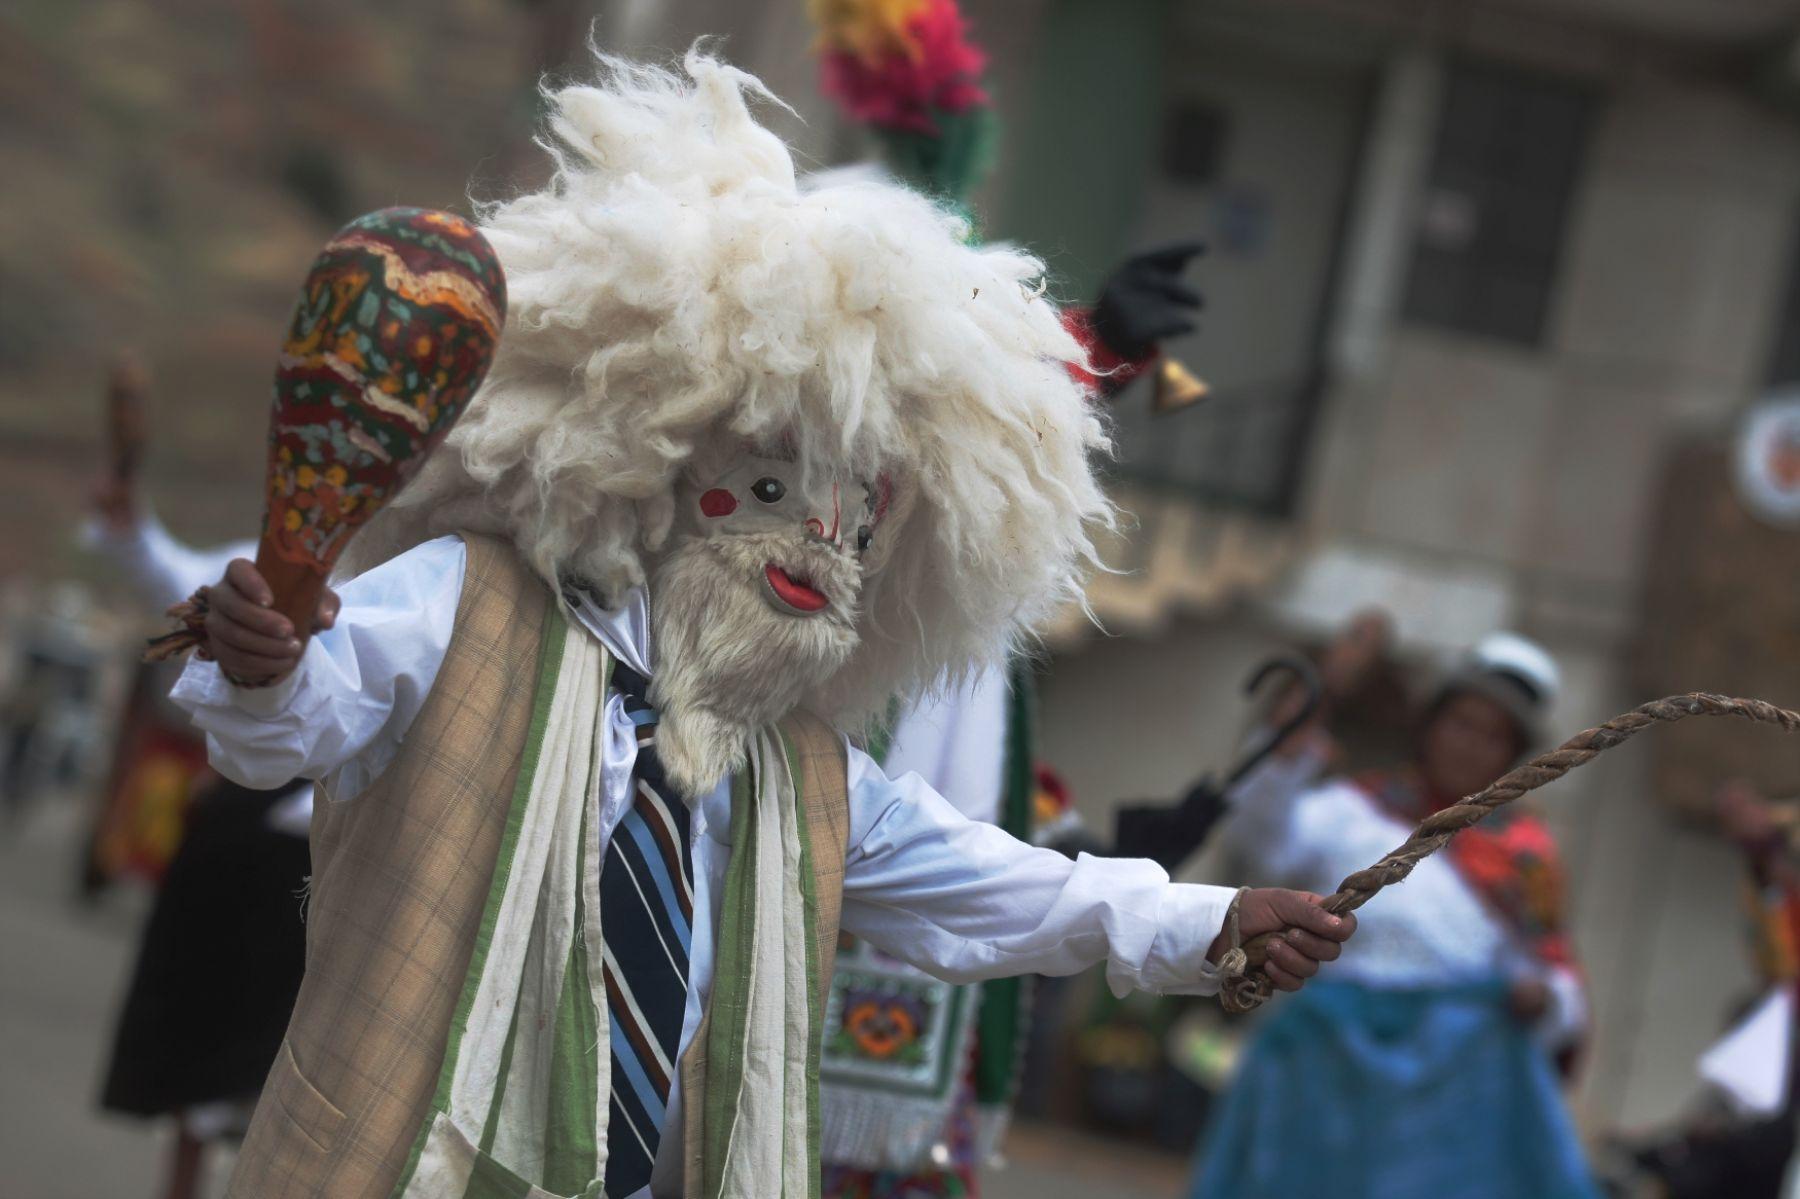 En la Pachuahuara, los danzantes visten trajes bordados y usan máscaras de cuerdo. Se escenifica en la provincia de Jauja, en Junín.